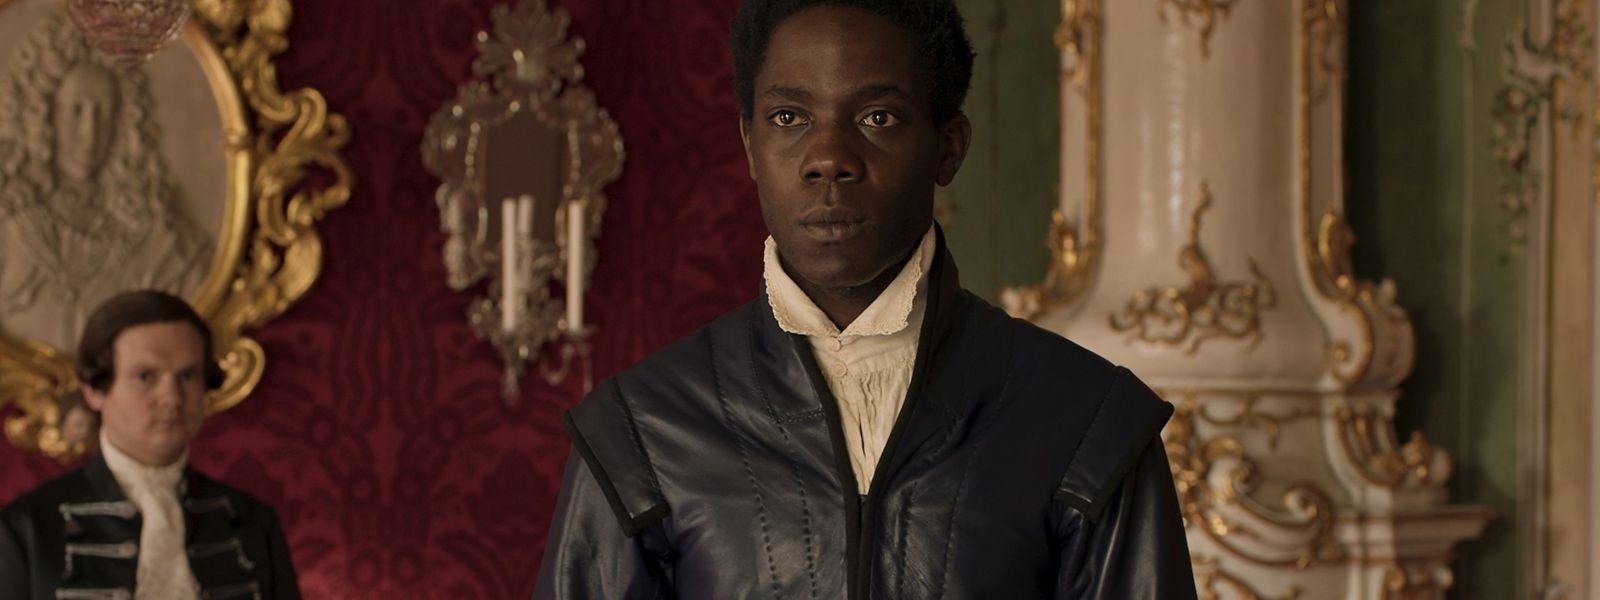 Makita Samba spielt Angelo Soliman, einen Westafrikaner, der im 18. Jahrhundert zunächst nach Italien und später nach Österreich als Exot entführt wurde.